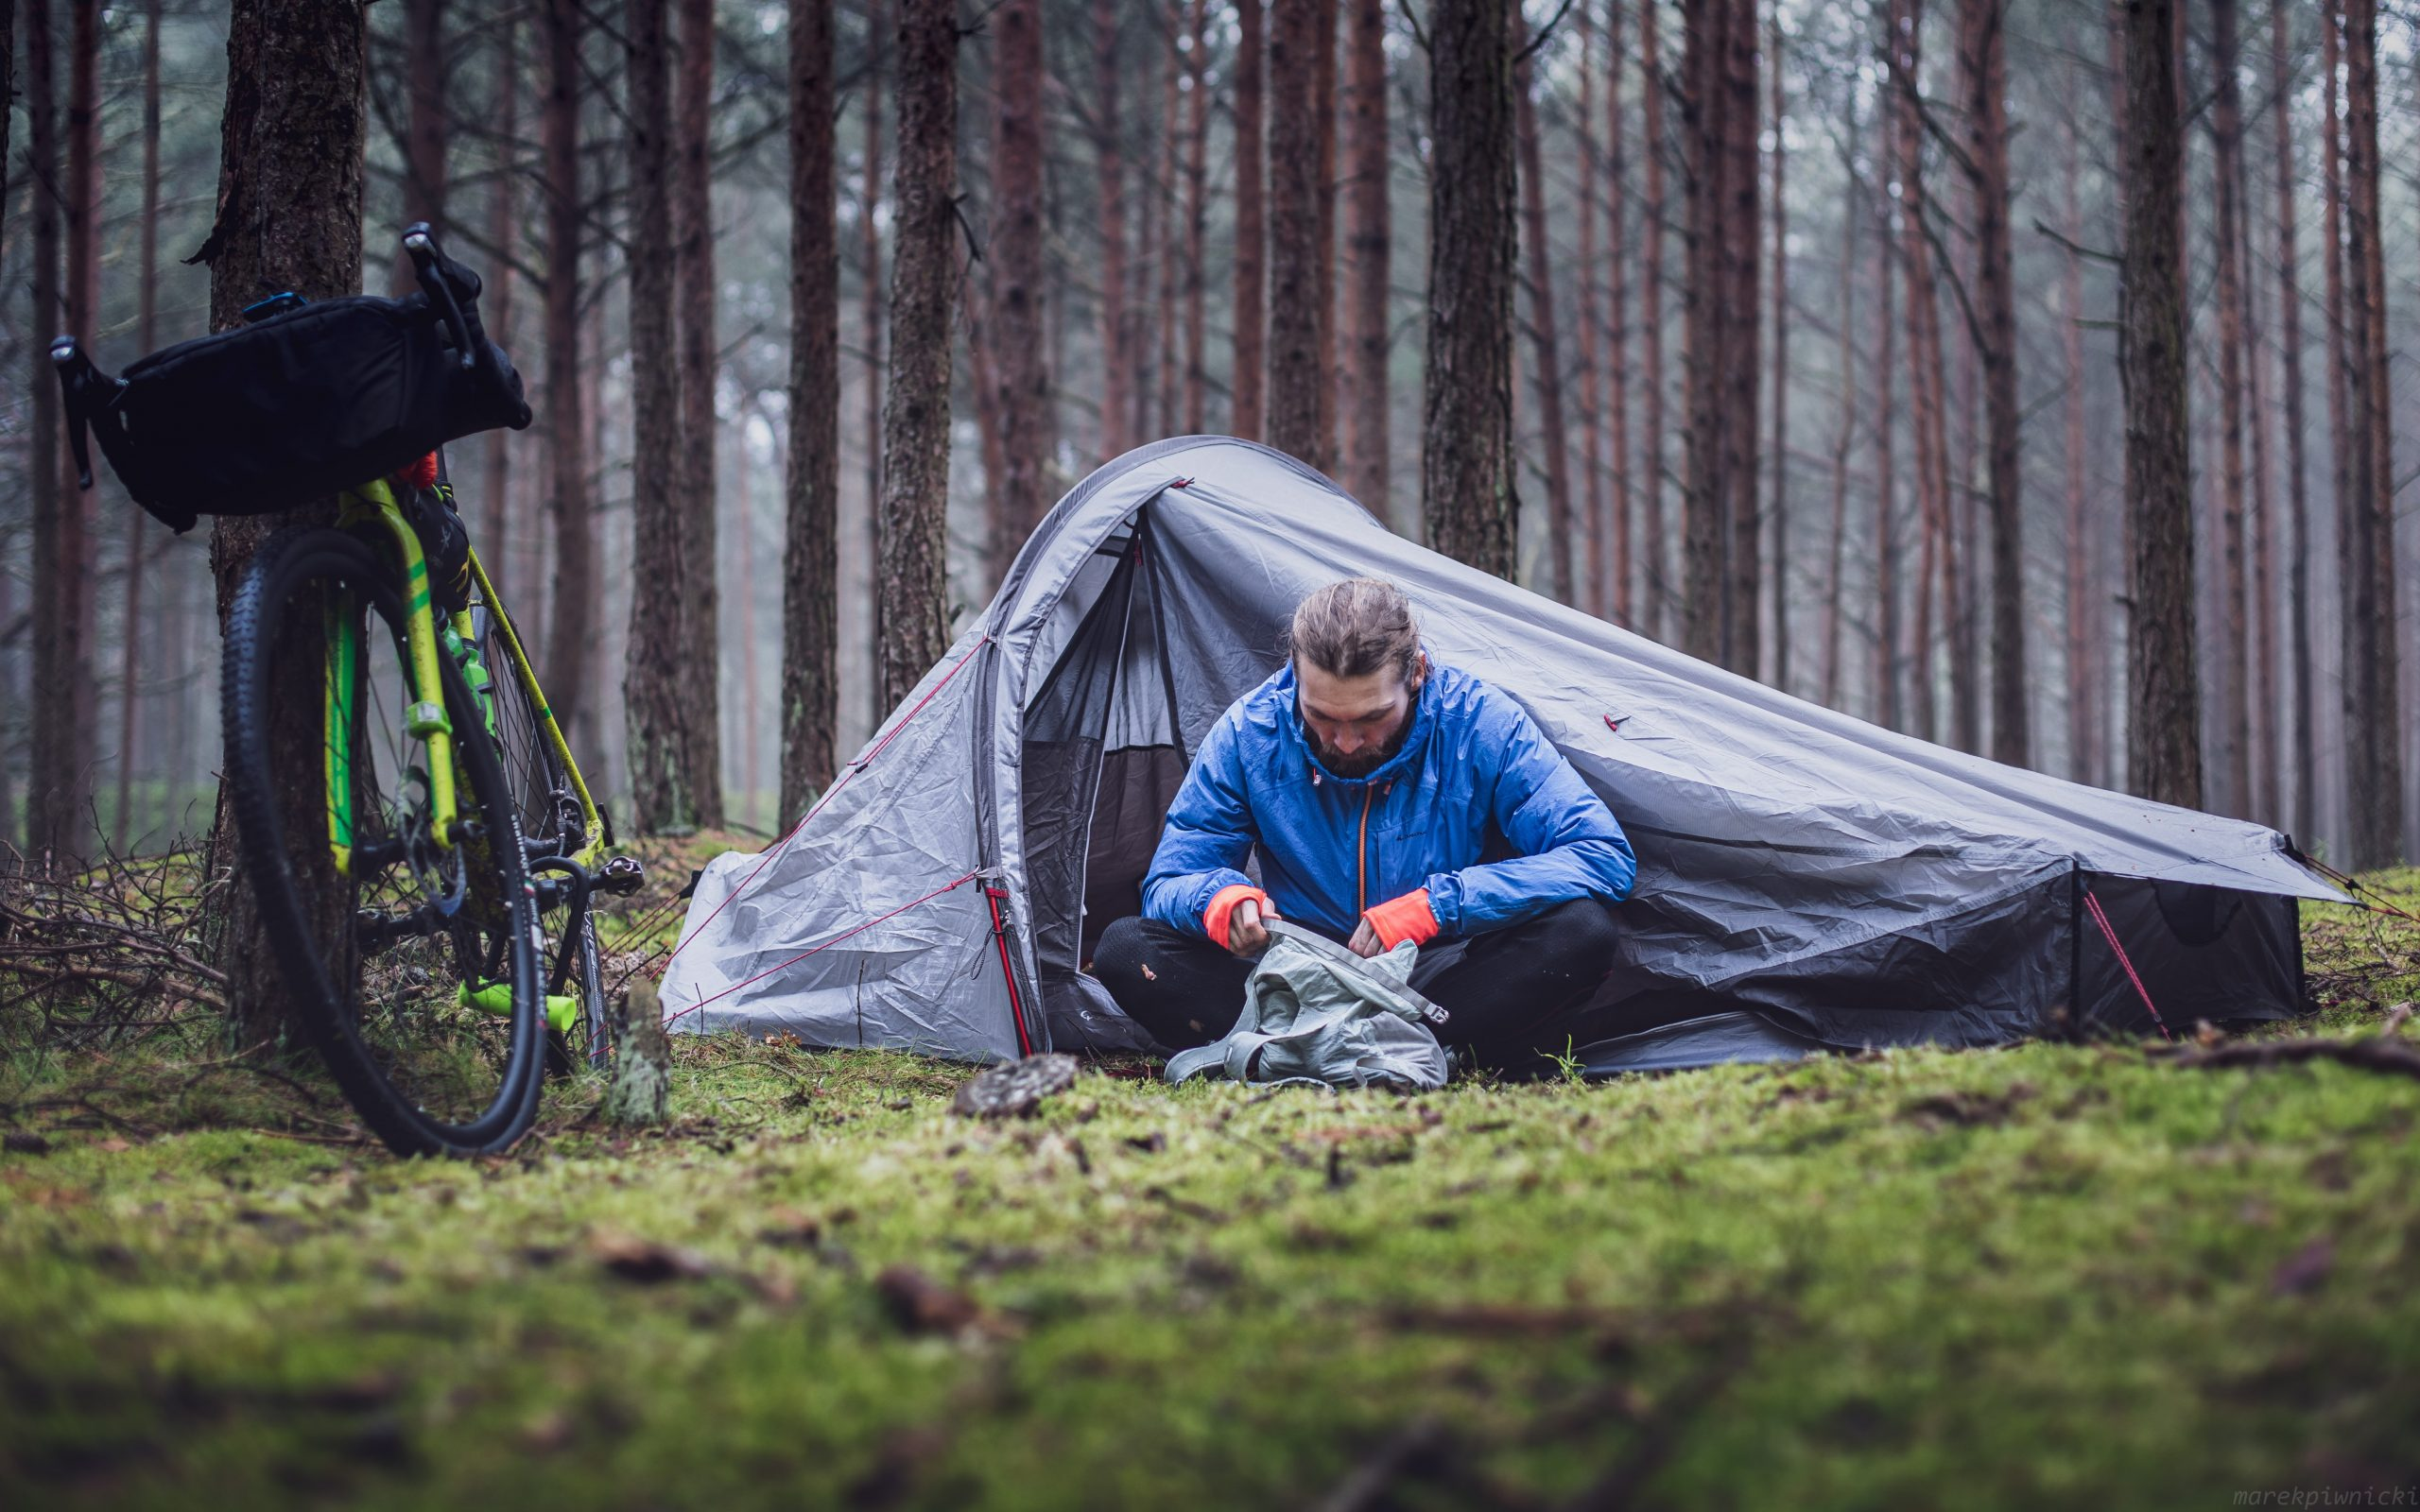 Best Waterproof Tent Overall